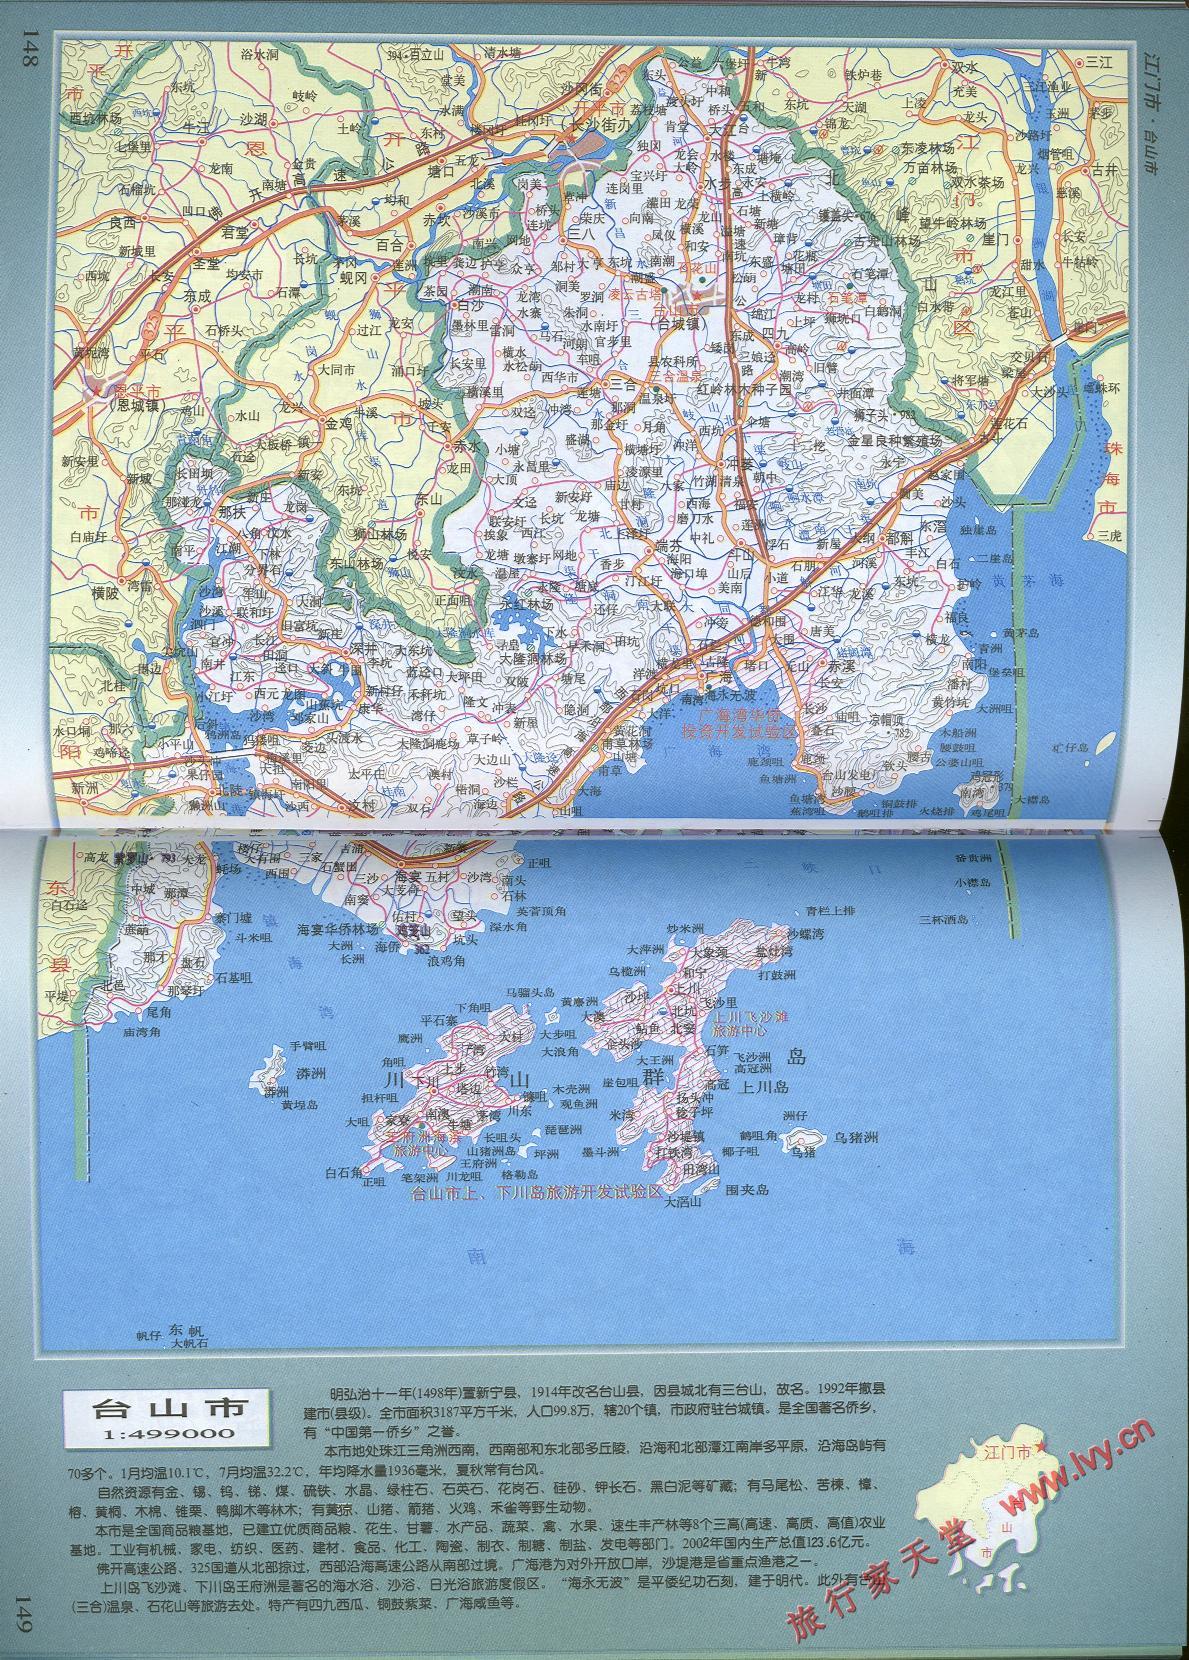 台山市地图_江门市地图查询